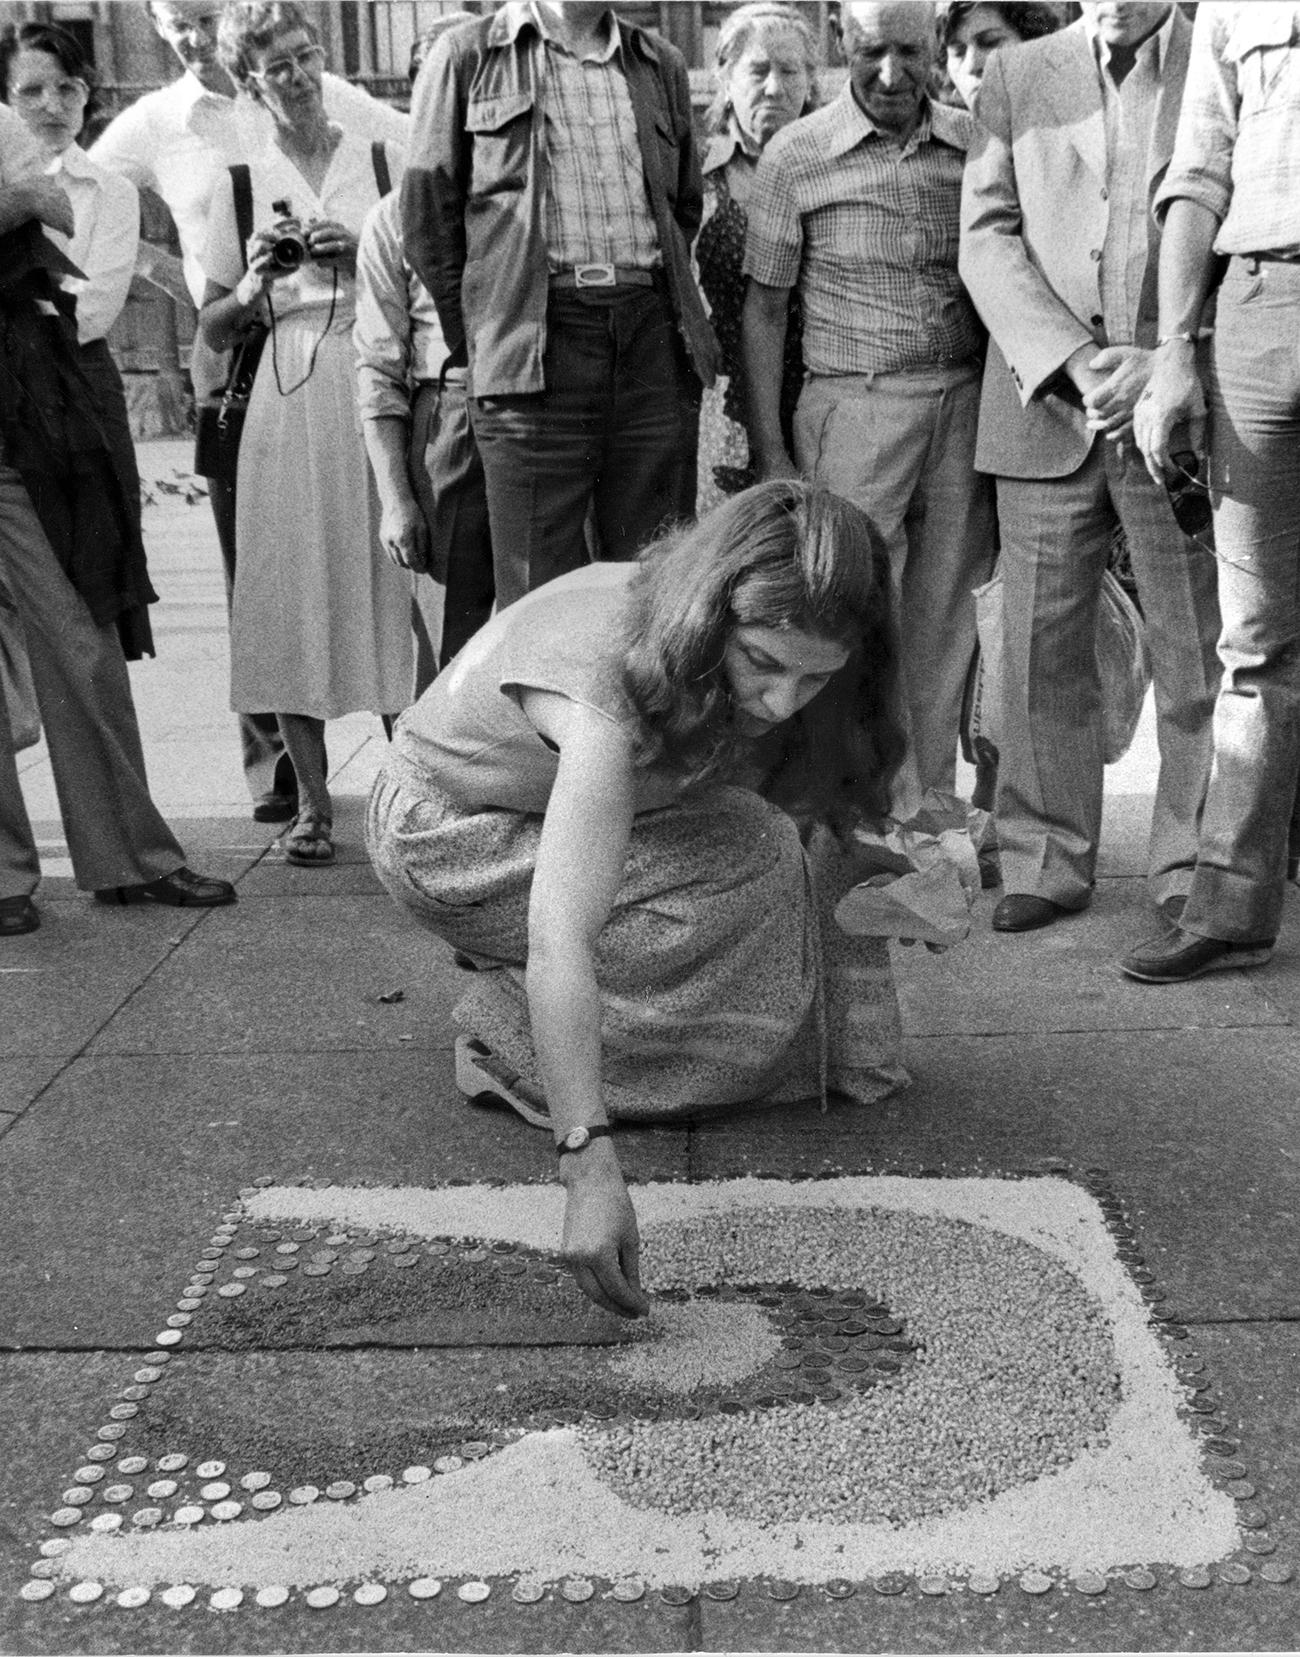 Anna Valeria Borsari, ‹Rappresentazione, presentazione, azione›, 1979, Stampe fotografiche. Documentazione dell'azione realizzata a Milano in piazza del Duomo. Fotografie: Courtesy dell'artista